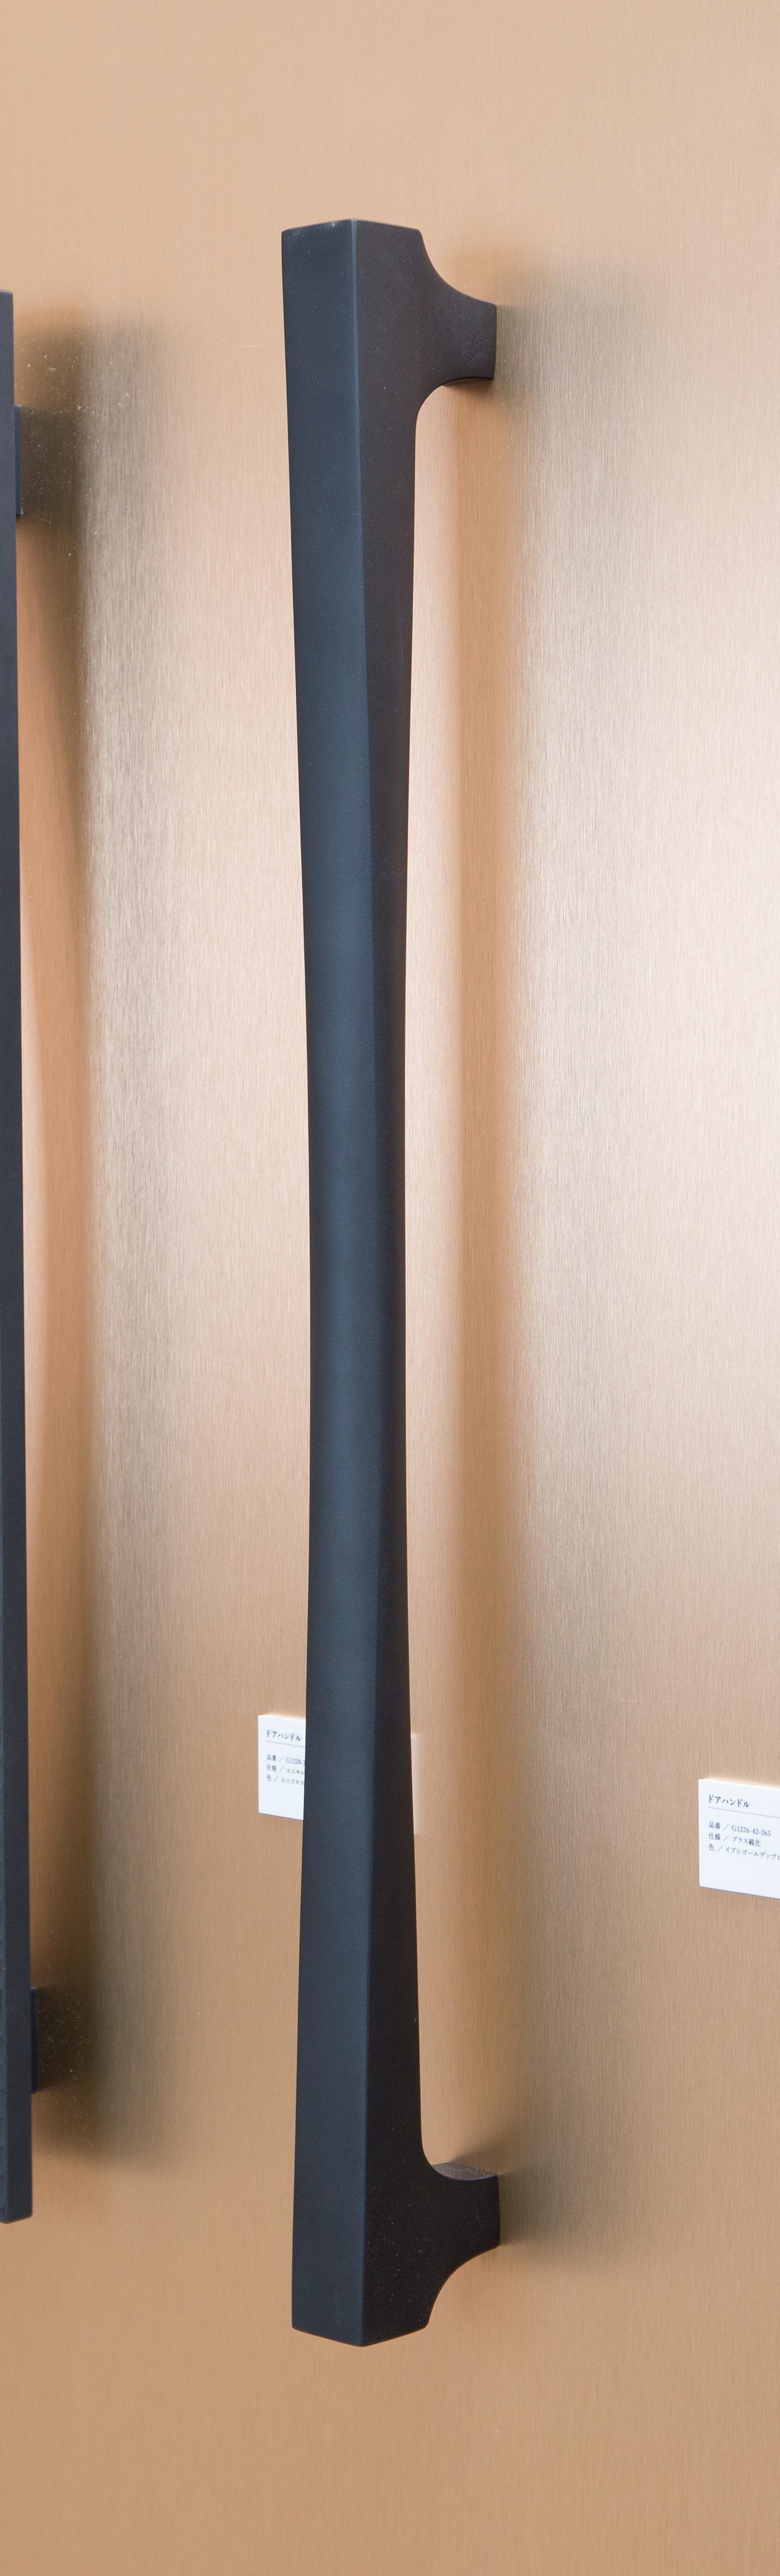 ユニオン ドア ハンドル